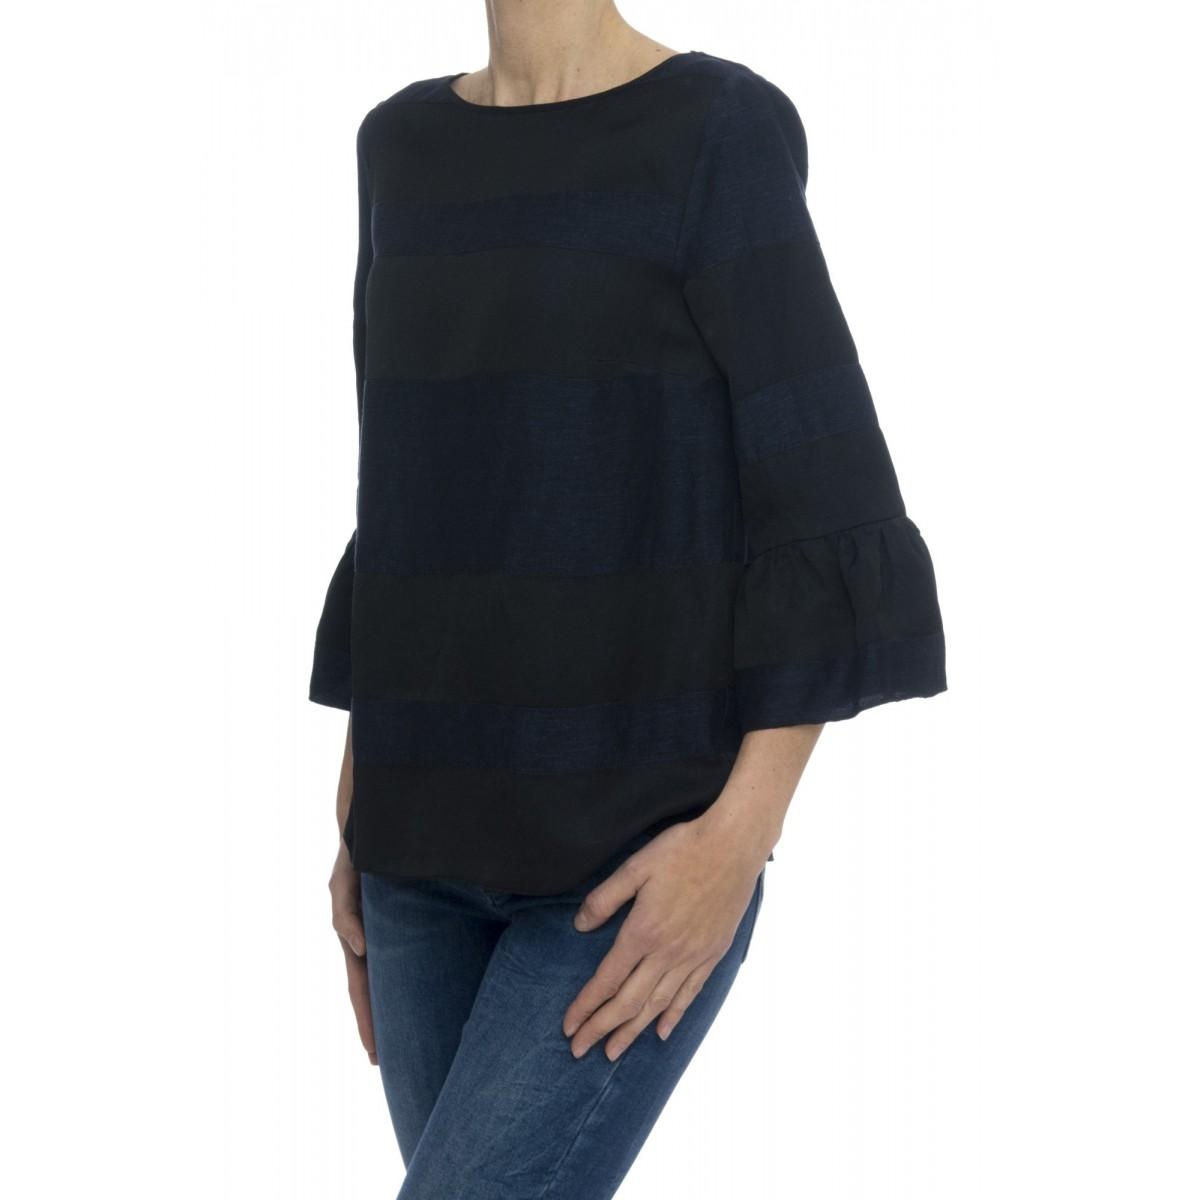 Camicia donna - 2000 camicia denim rigata